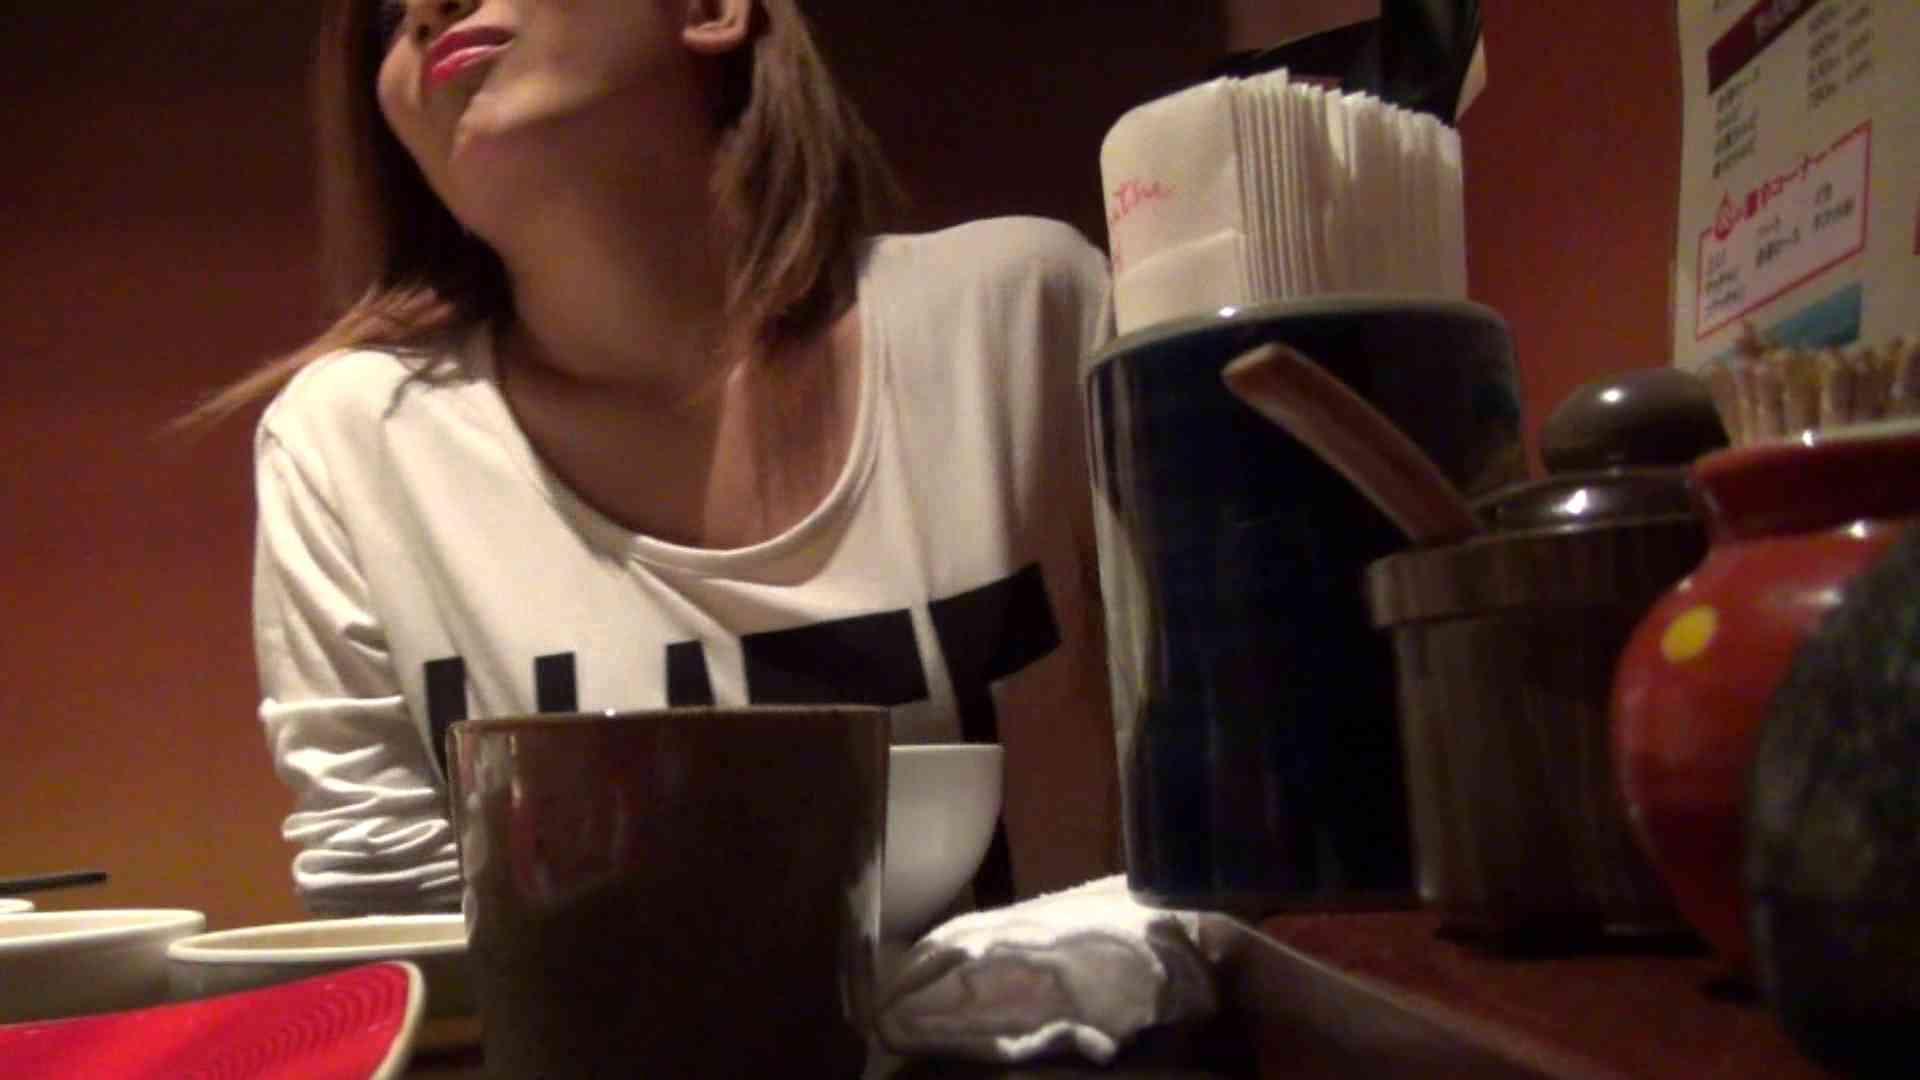 【出会い01】大助さんMちゃんと食事会 エッチすぎる友人  54連発 8